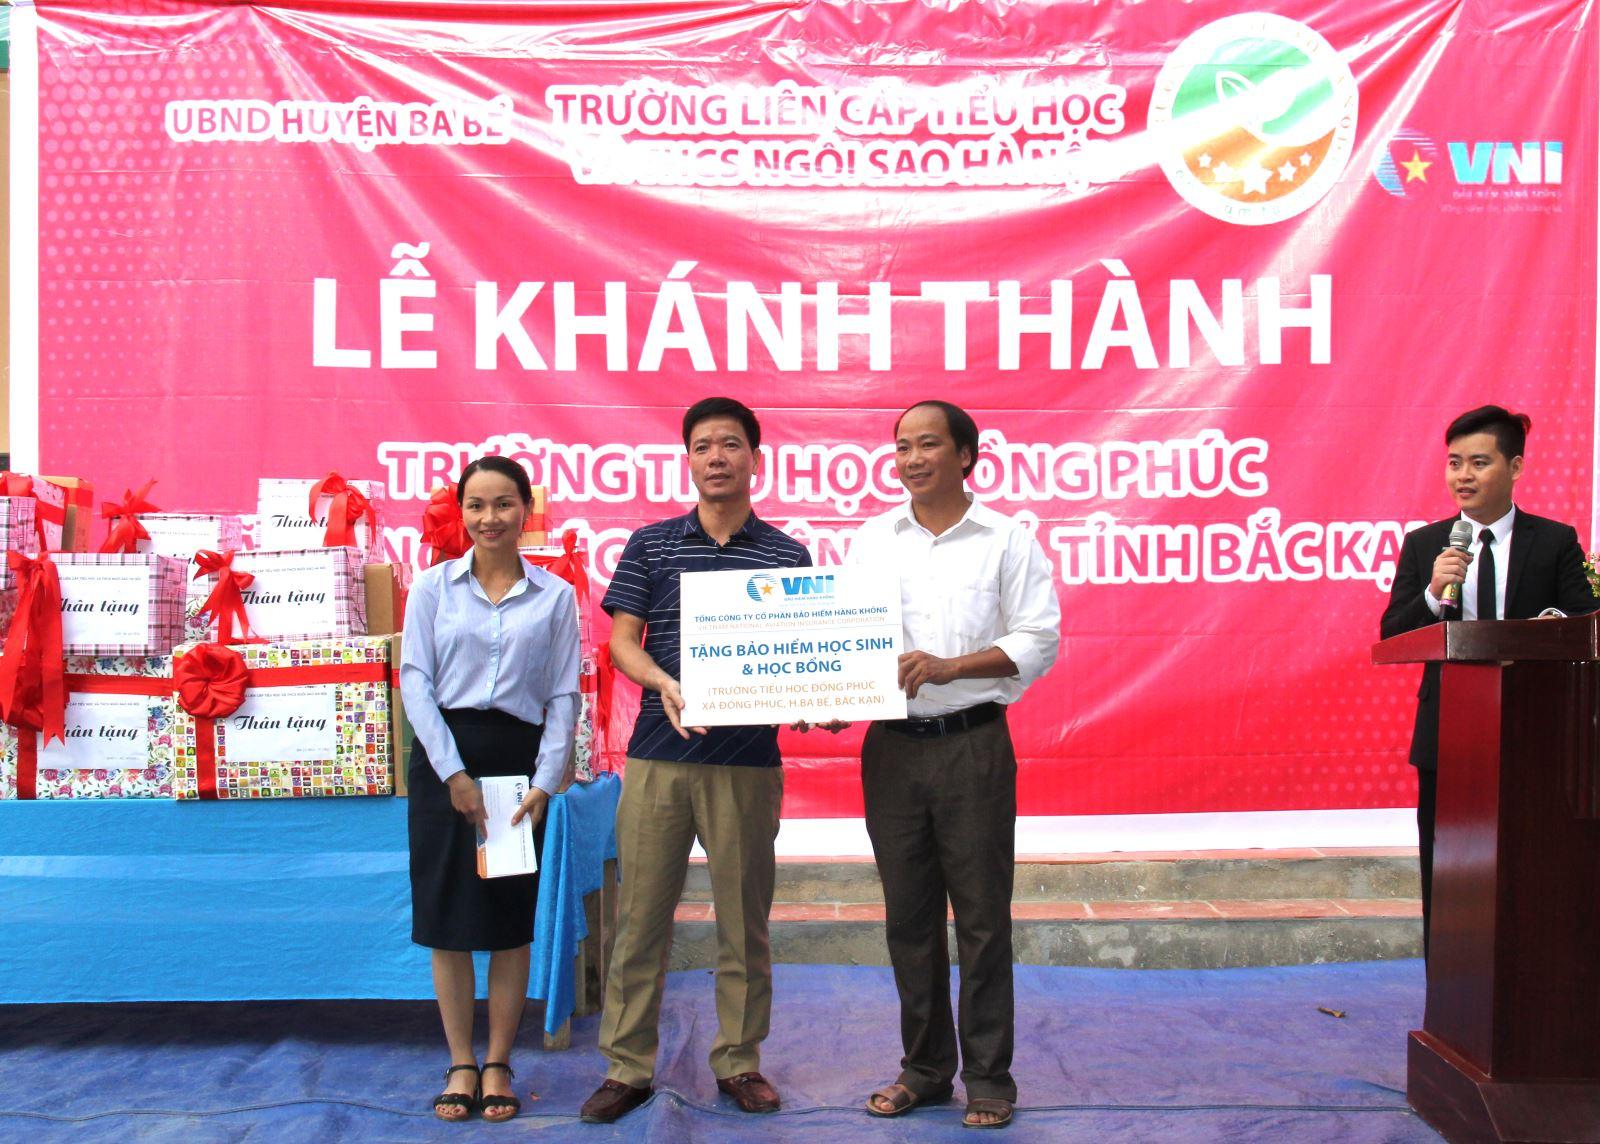 VNI tặng bảo hiểm học sinh và học bổng cho các em học sinh Trường Tiểu học Đồng Phúc